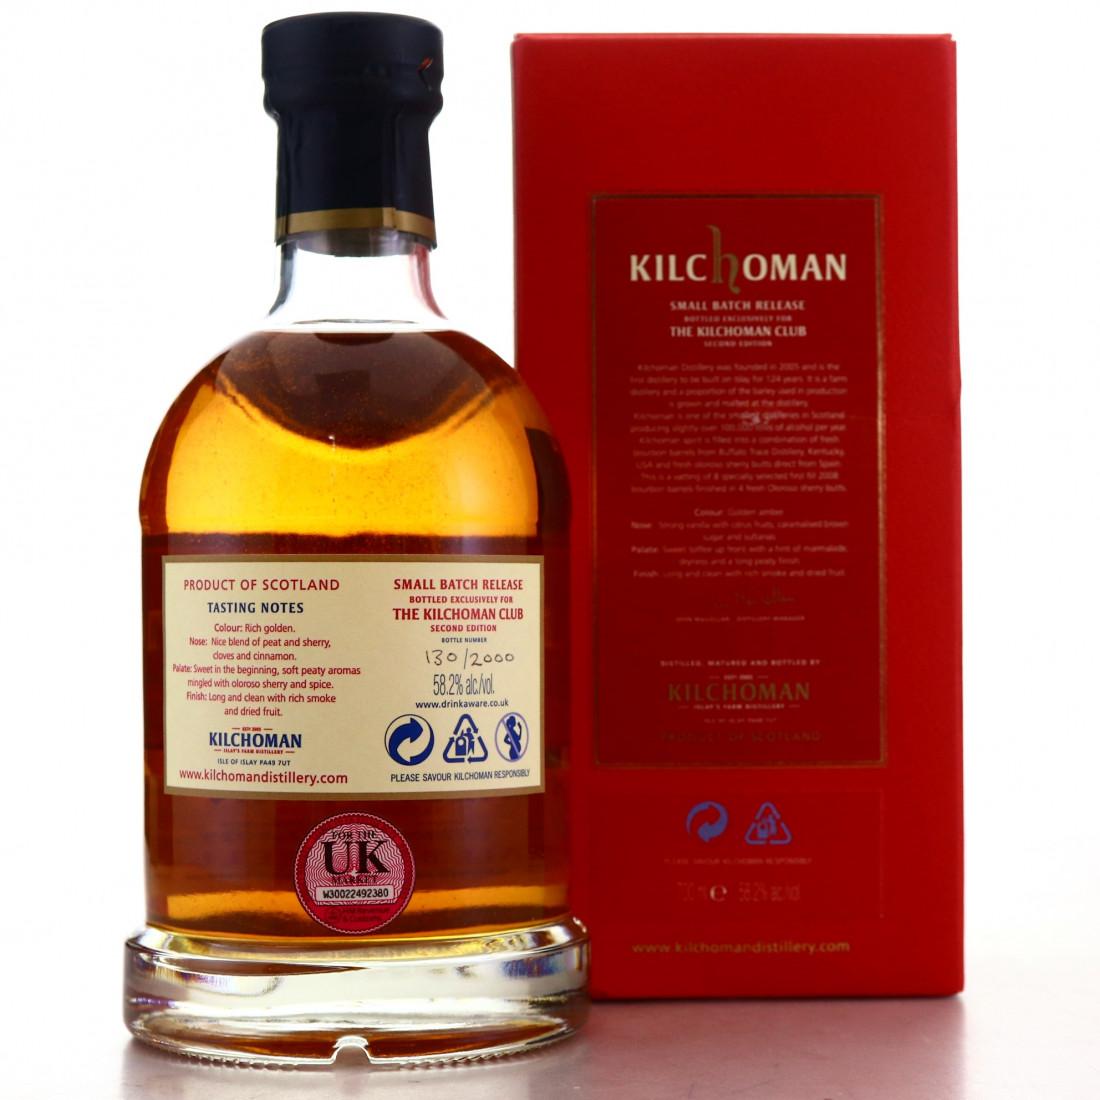 Kilchoman 2008 Small Batch / Kilchoman Club 2nd Edition